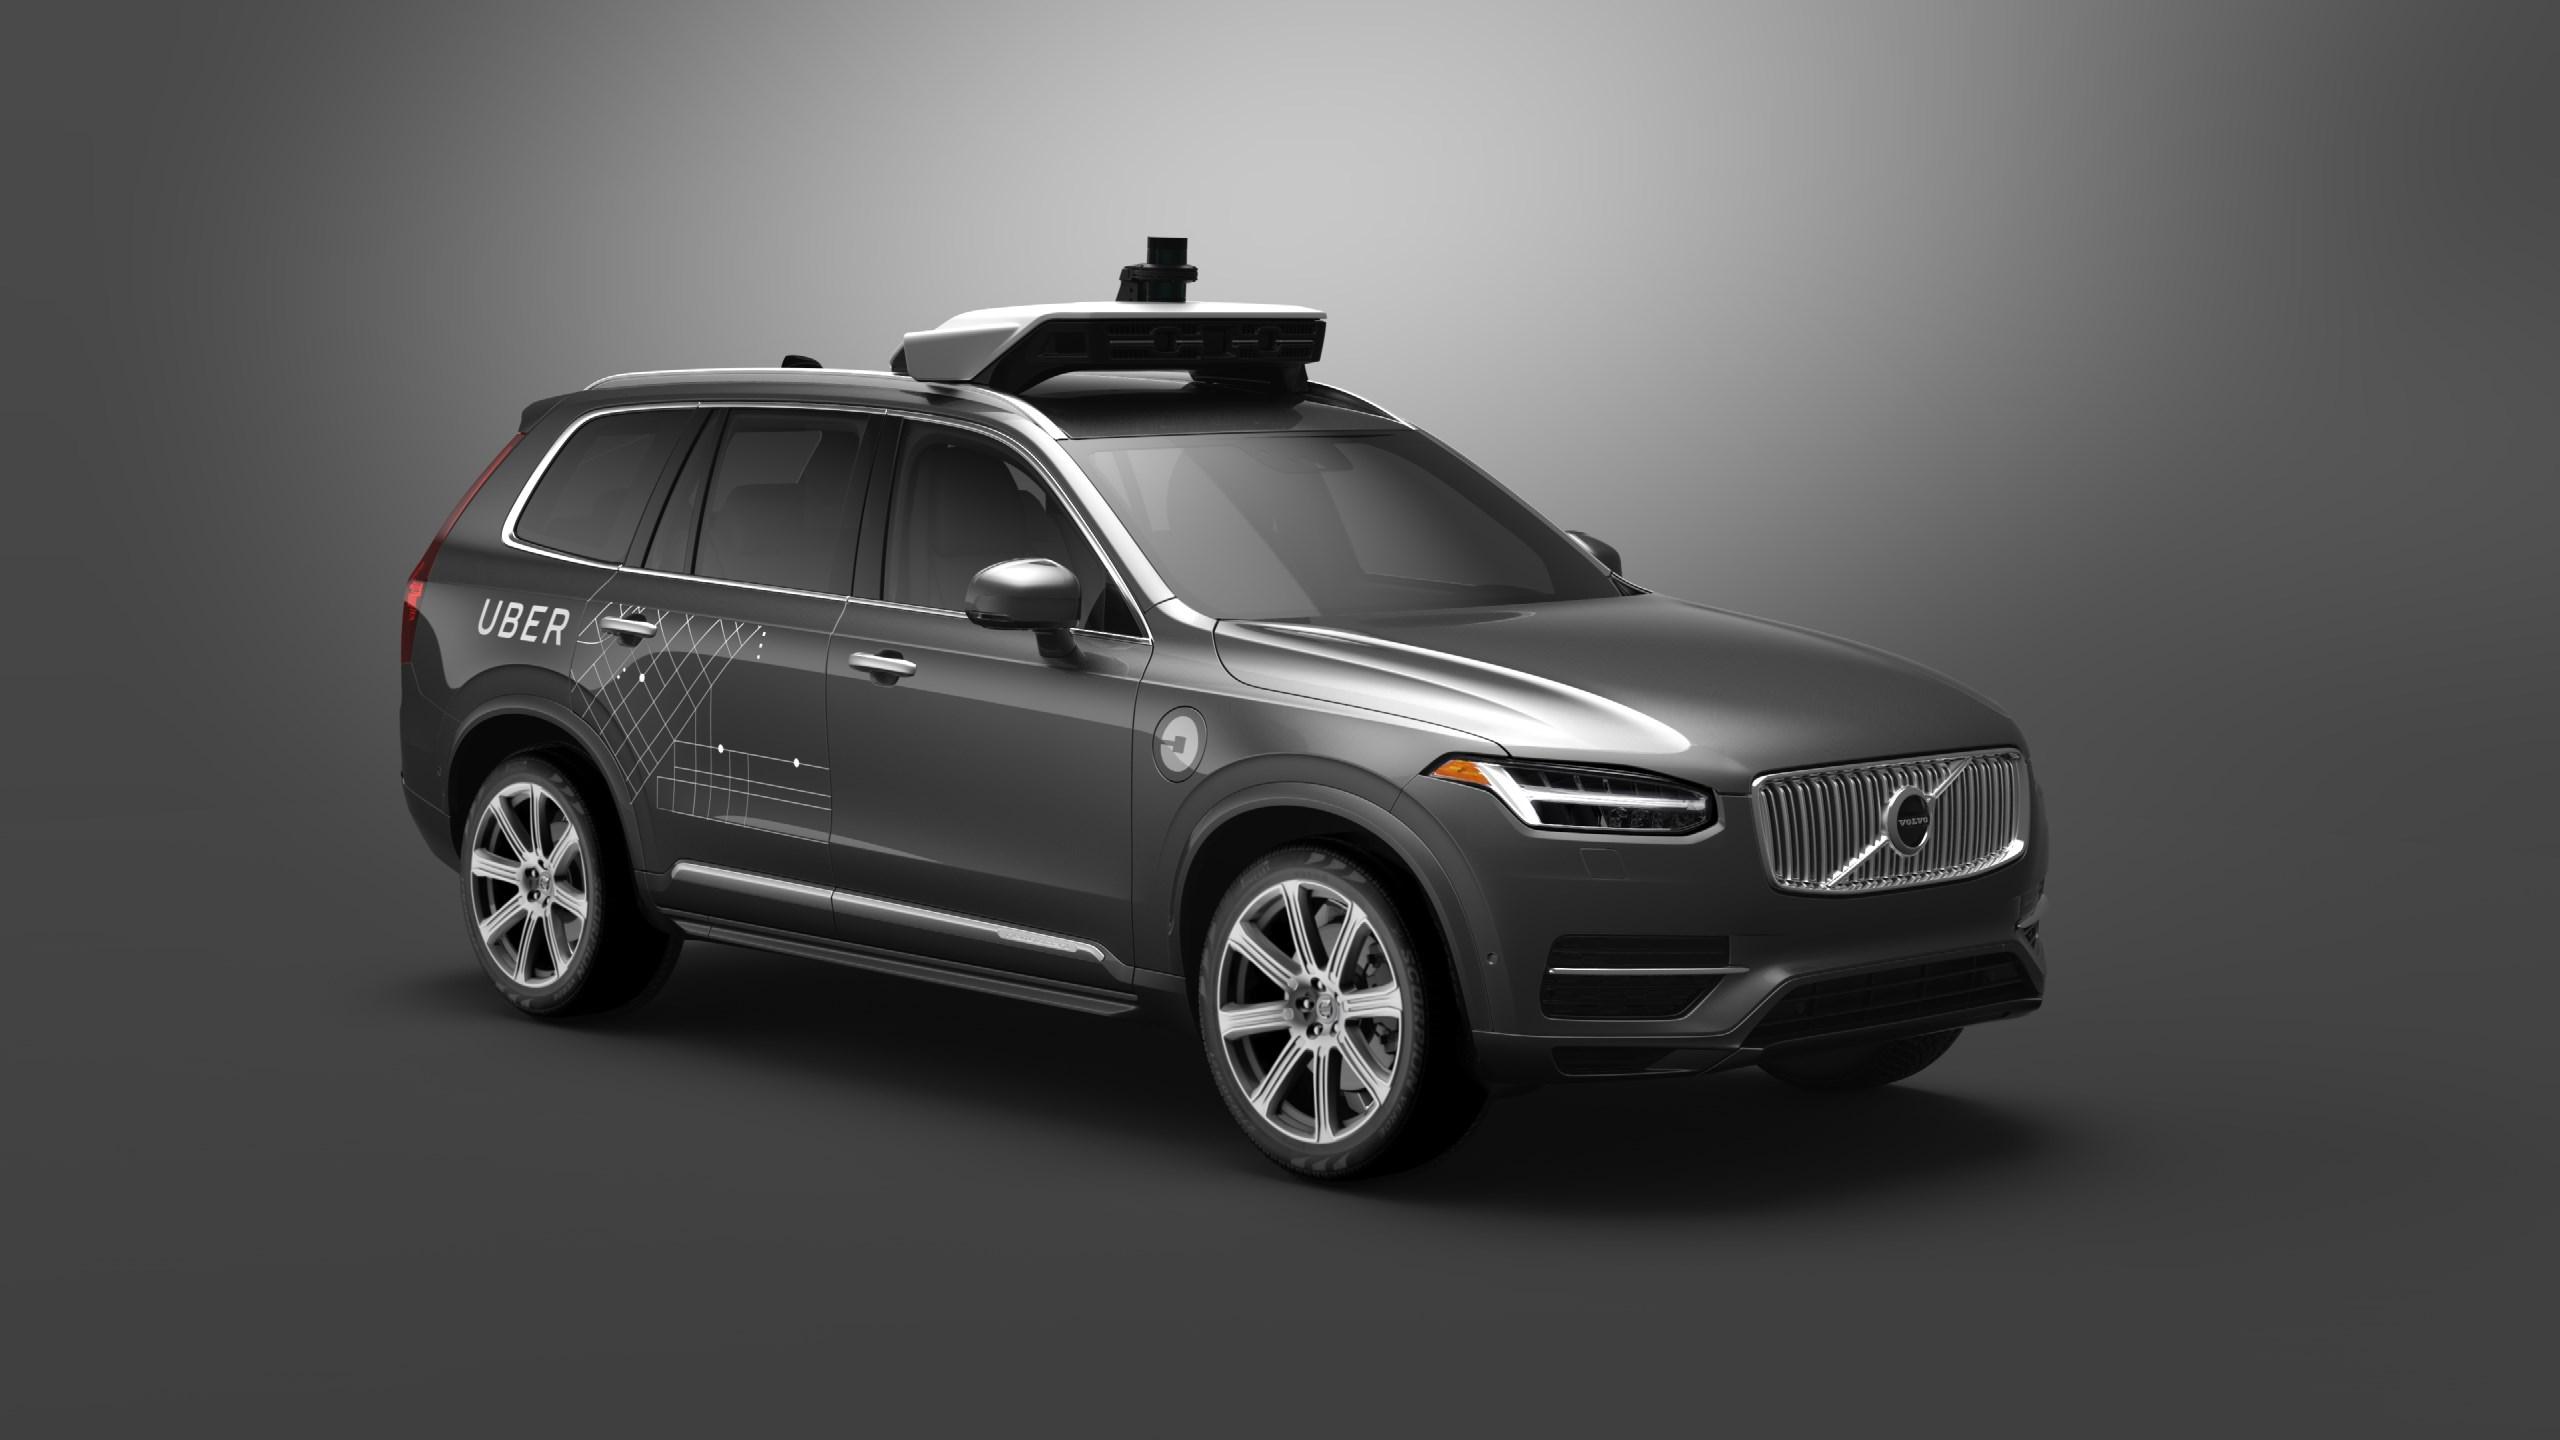 Беспилотные автомобили, рождённые врезультате сотрудничества <i>Uber</i> и<i>Volvo</i>, появятся надорогах уже вэтом месяце.